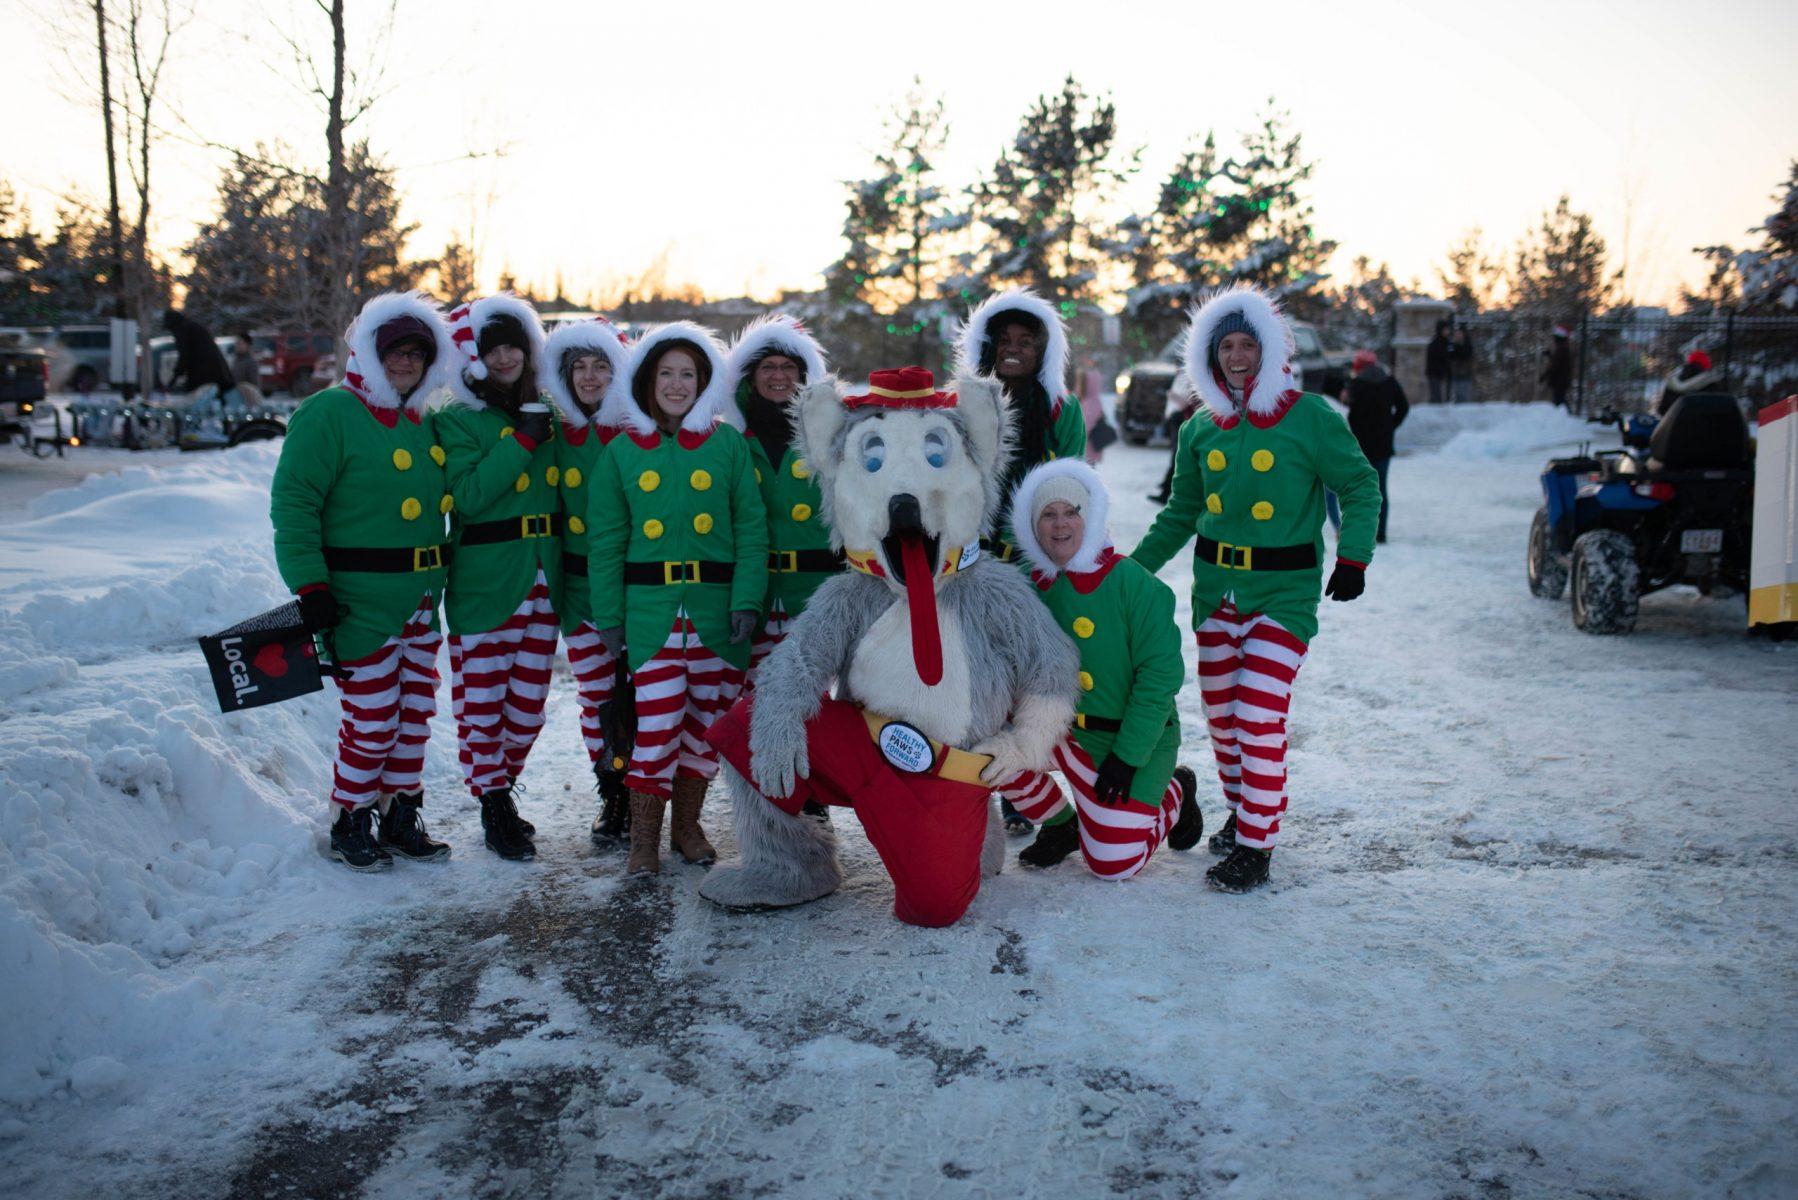 Auburn-Bay-Christmas-Parade-2019-34-scaled